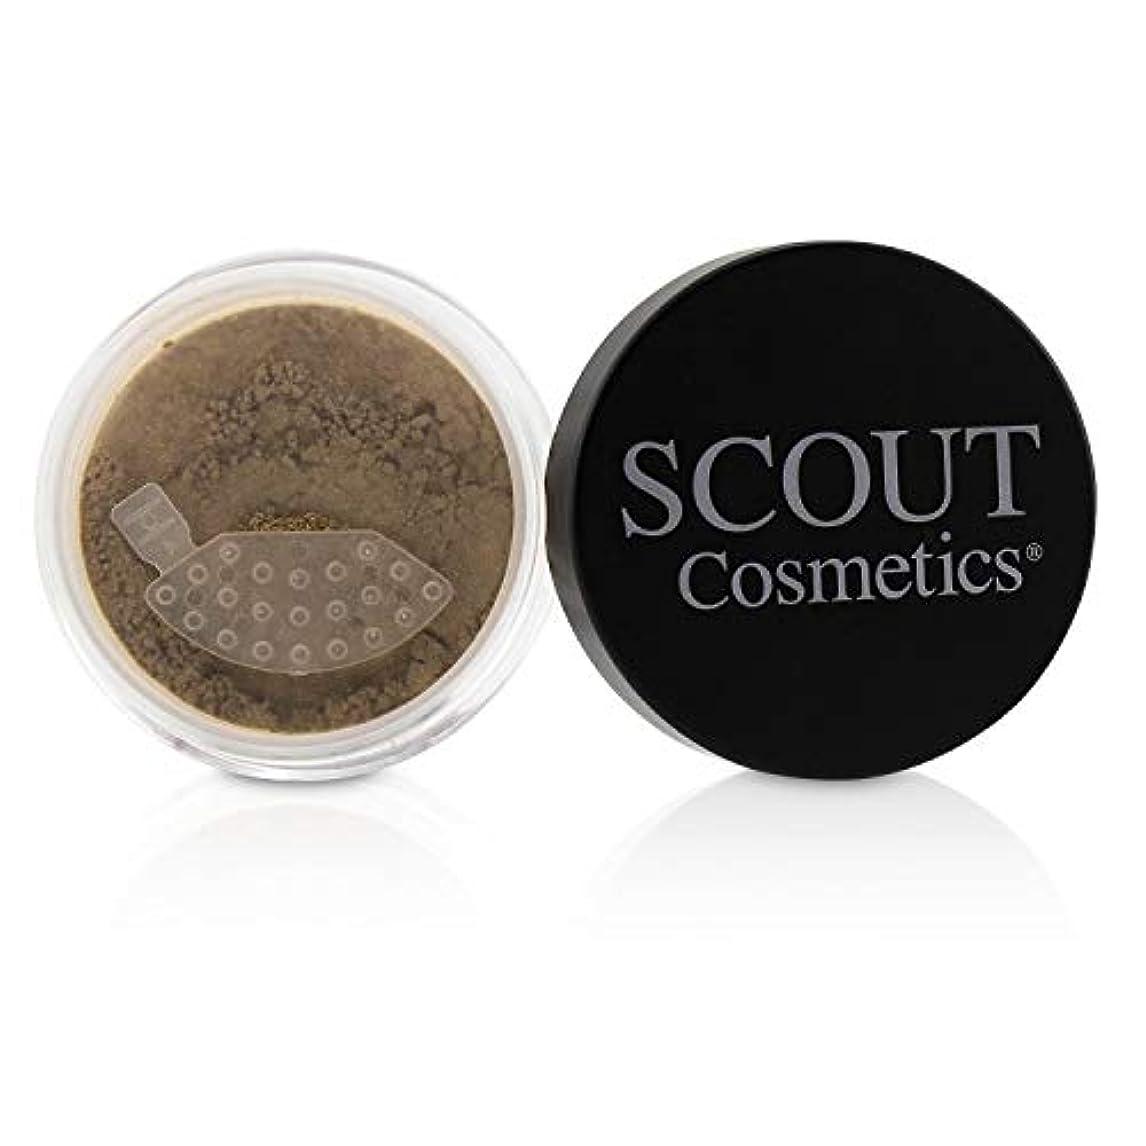 申し立てコンパイル車両SCOUT Cosmetics Mineral Powder Foundation SPF 20 - # Almond 8g/0.28oz並行輸入品